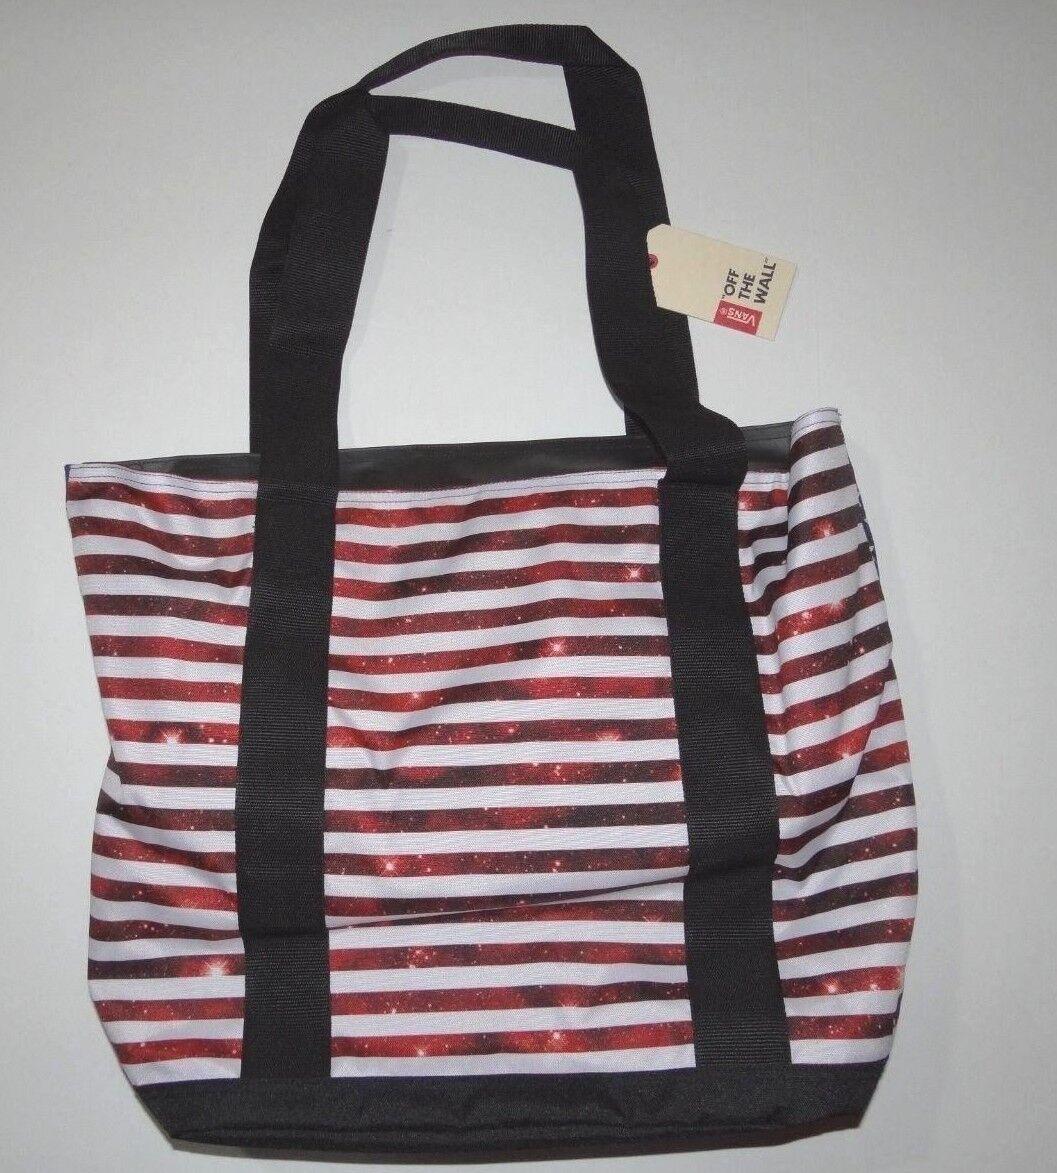 149f6fa6c55 VANS Carmel Cooler Tote Bag School Gym Backpack Bag Pack for sale ...